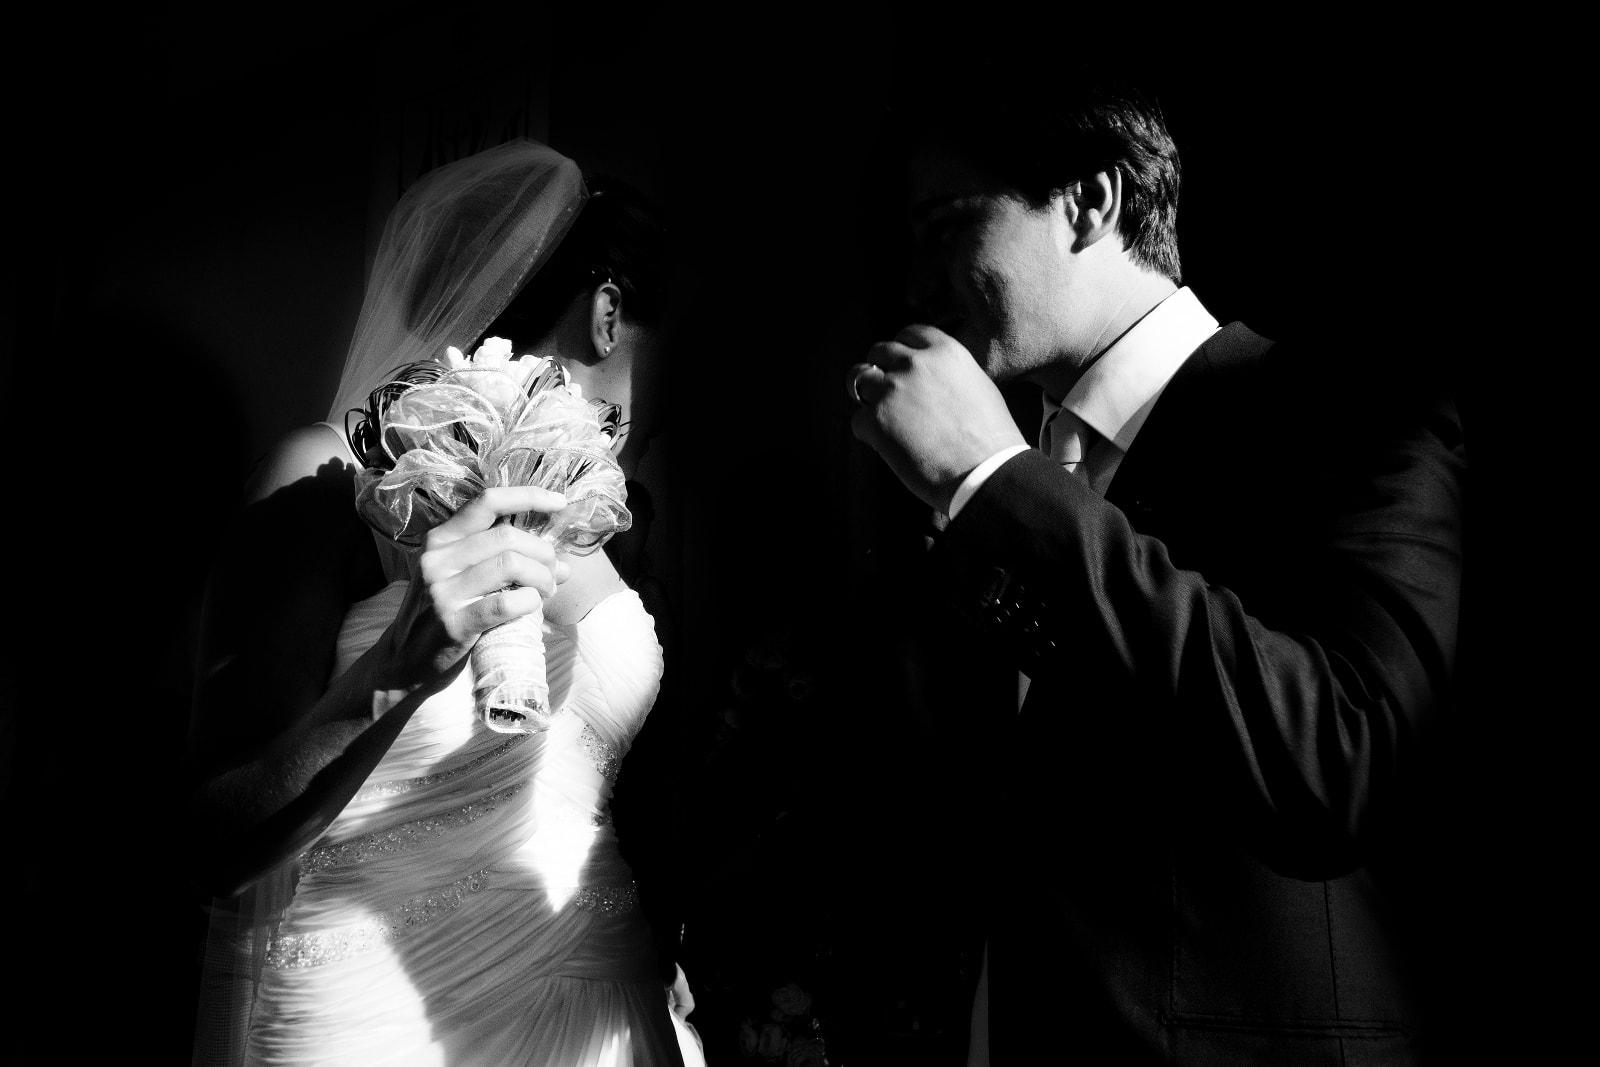 fotografo_di_matrimonio_reportage_reggio_calabria_mallamaci_dino_e_sara